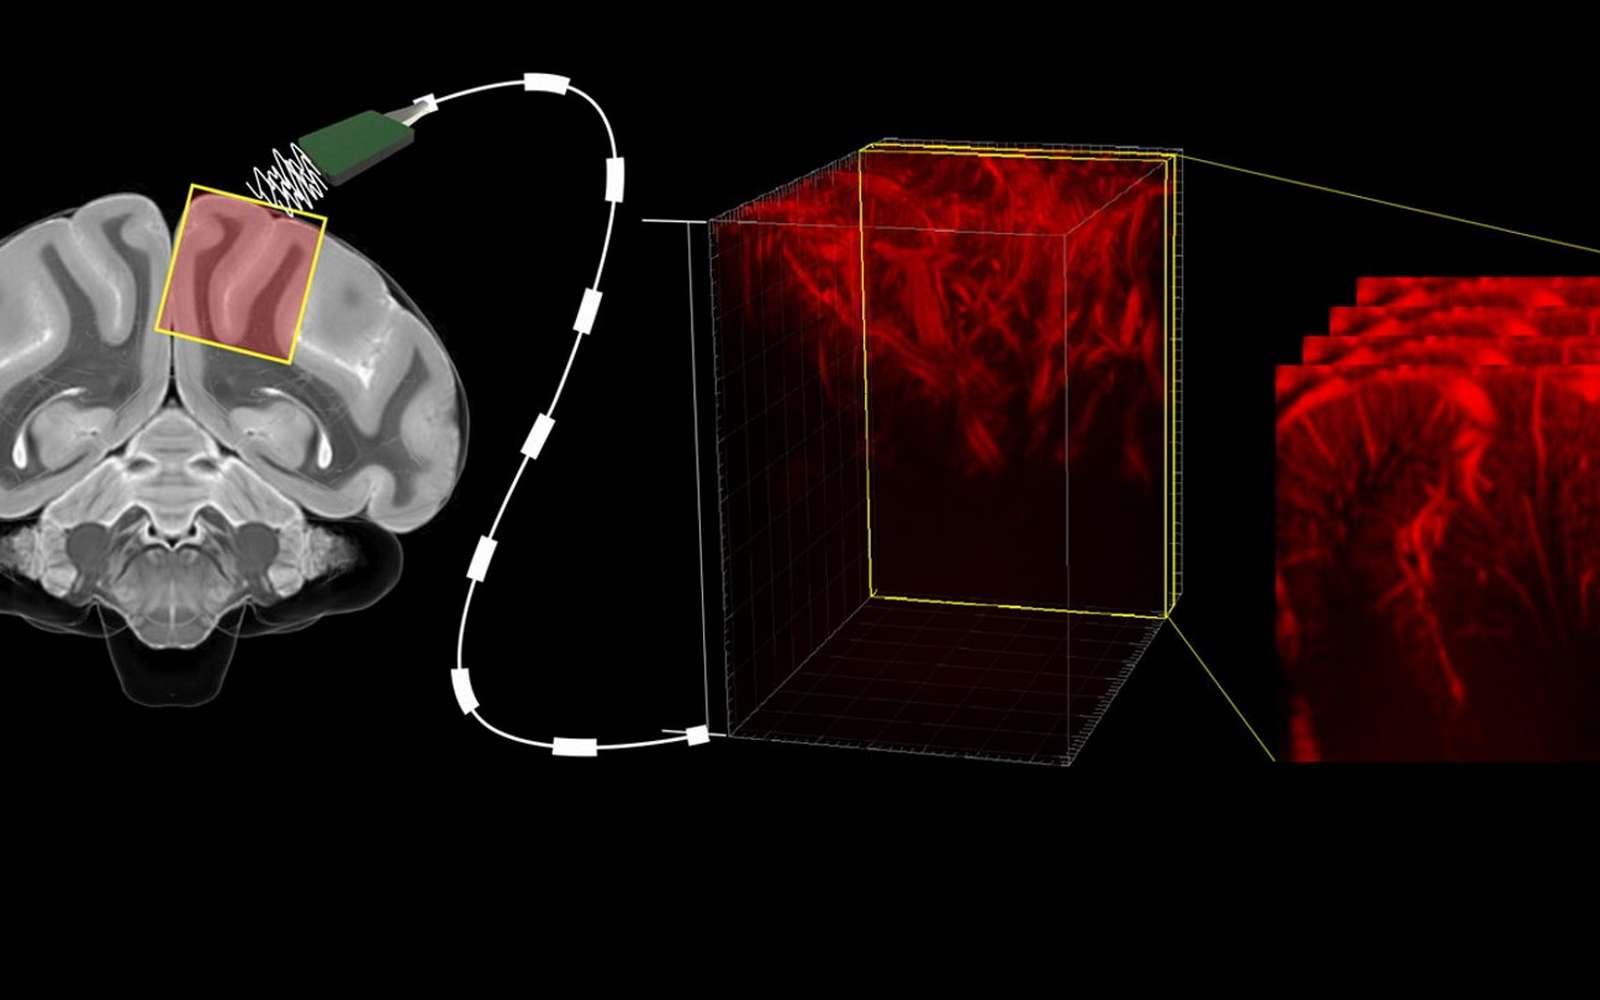 Des chercheurs sont parvenus à lire l'activité du cerveau grâce aux ultrasons. © Caltech